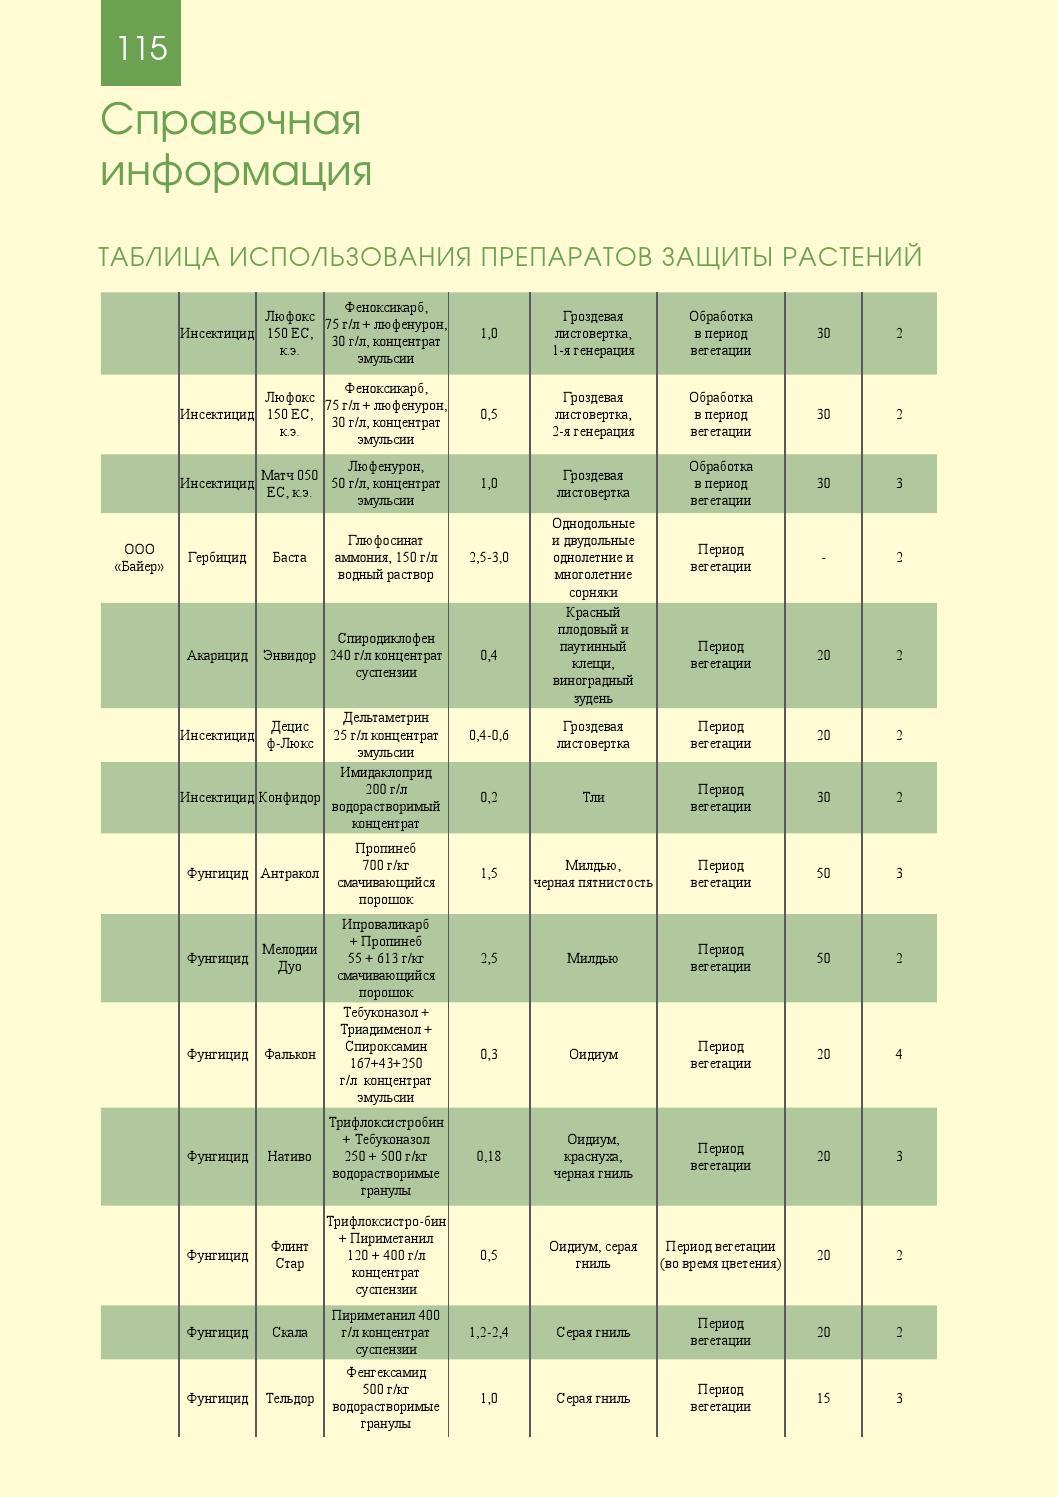 Препарат скор: отзывы, инструкция по применению, аналоги фунгицида